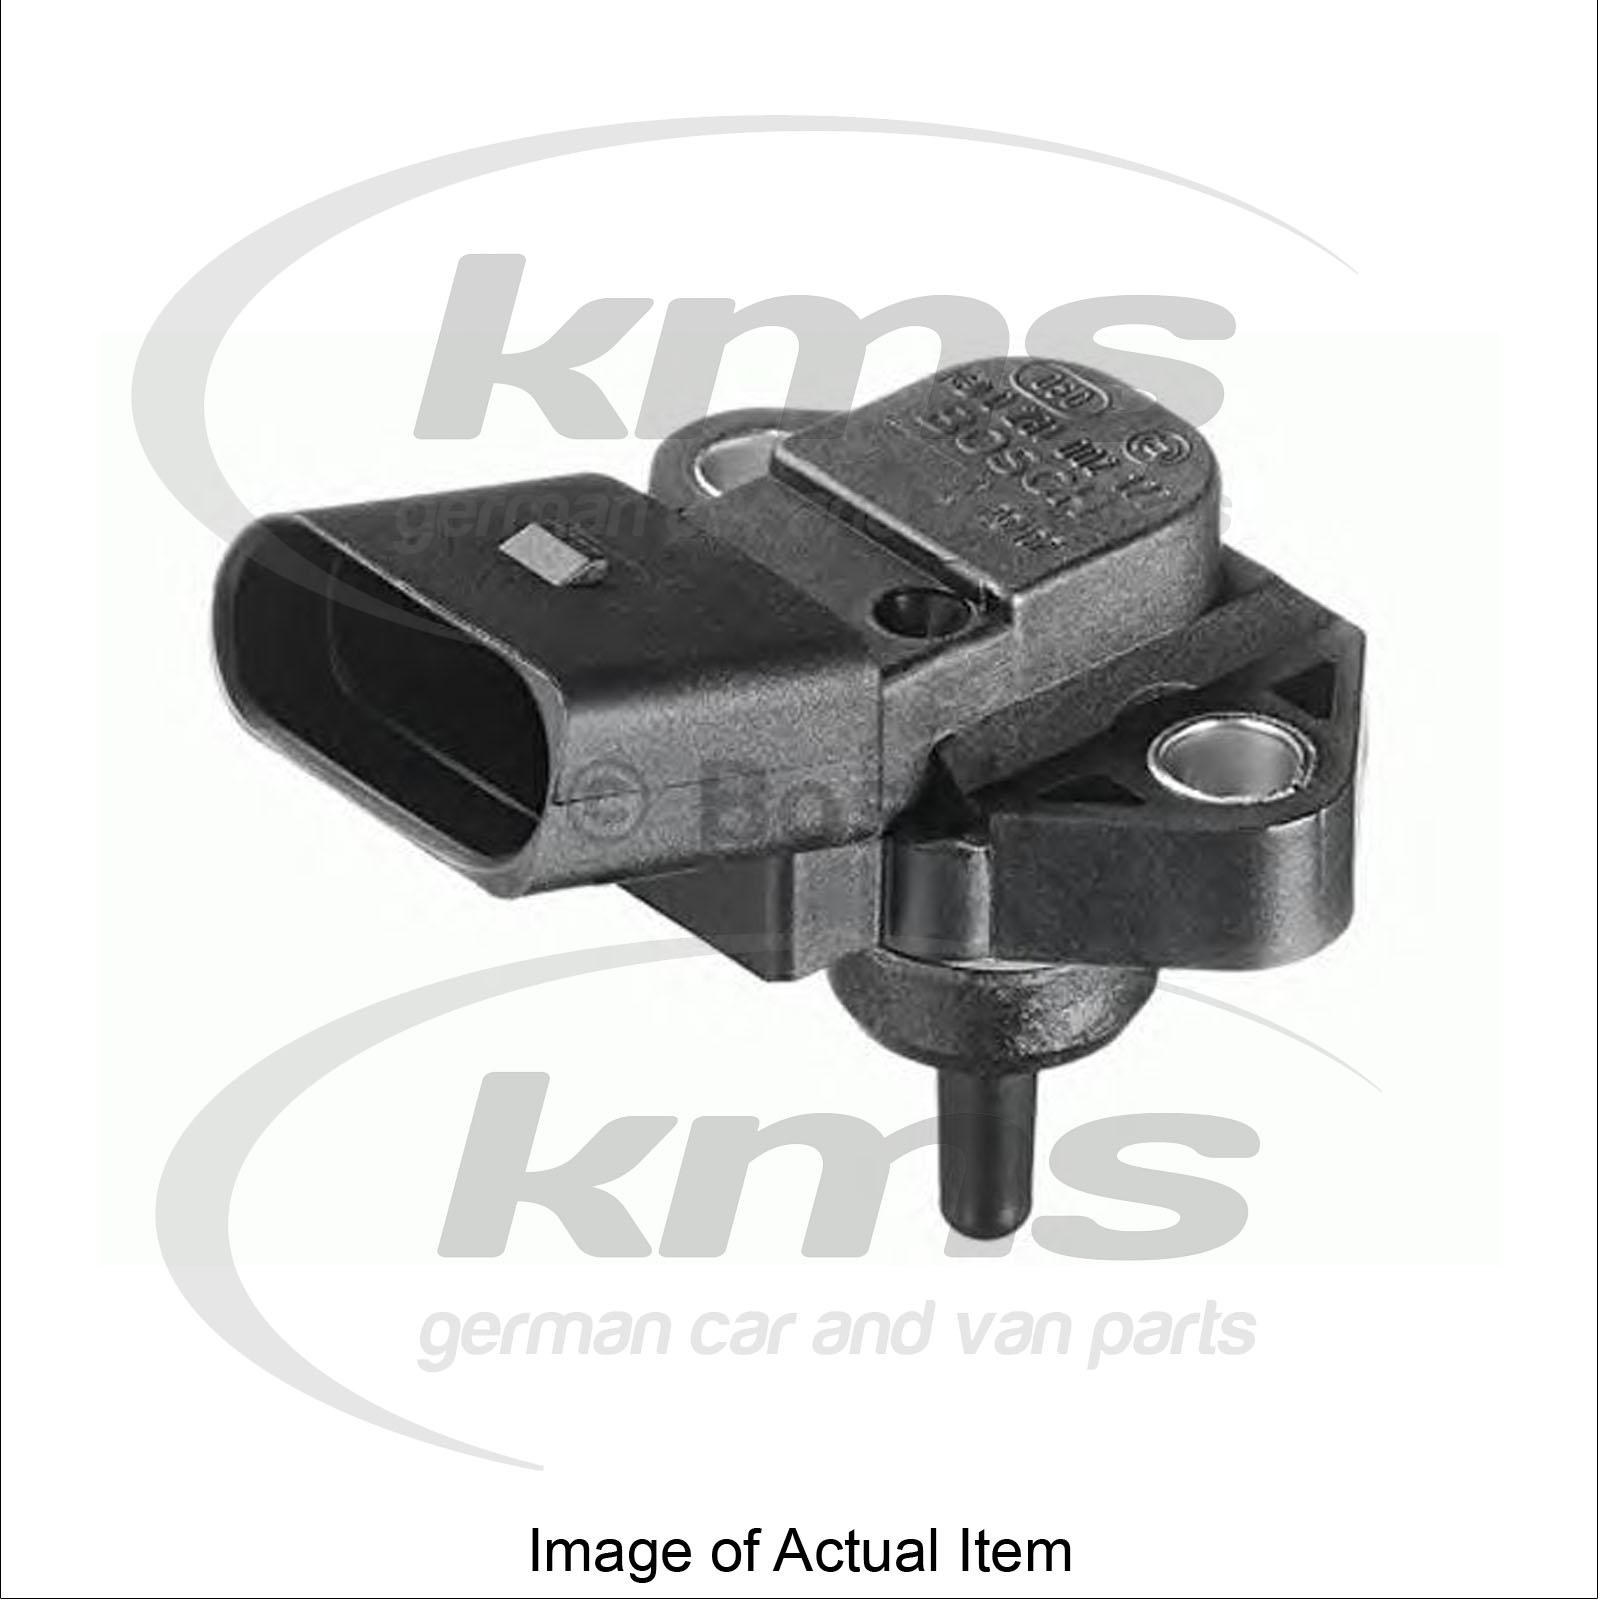 sensor for boost pressure vw golf mk iv estate 1j5 1 9 tdi estate 115 bhp top ebay. Black Bedroom Furniture Sets. Home Design Ideas